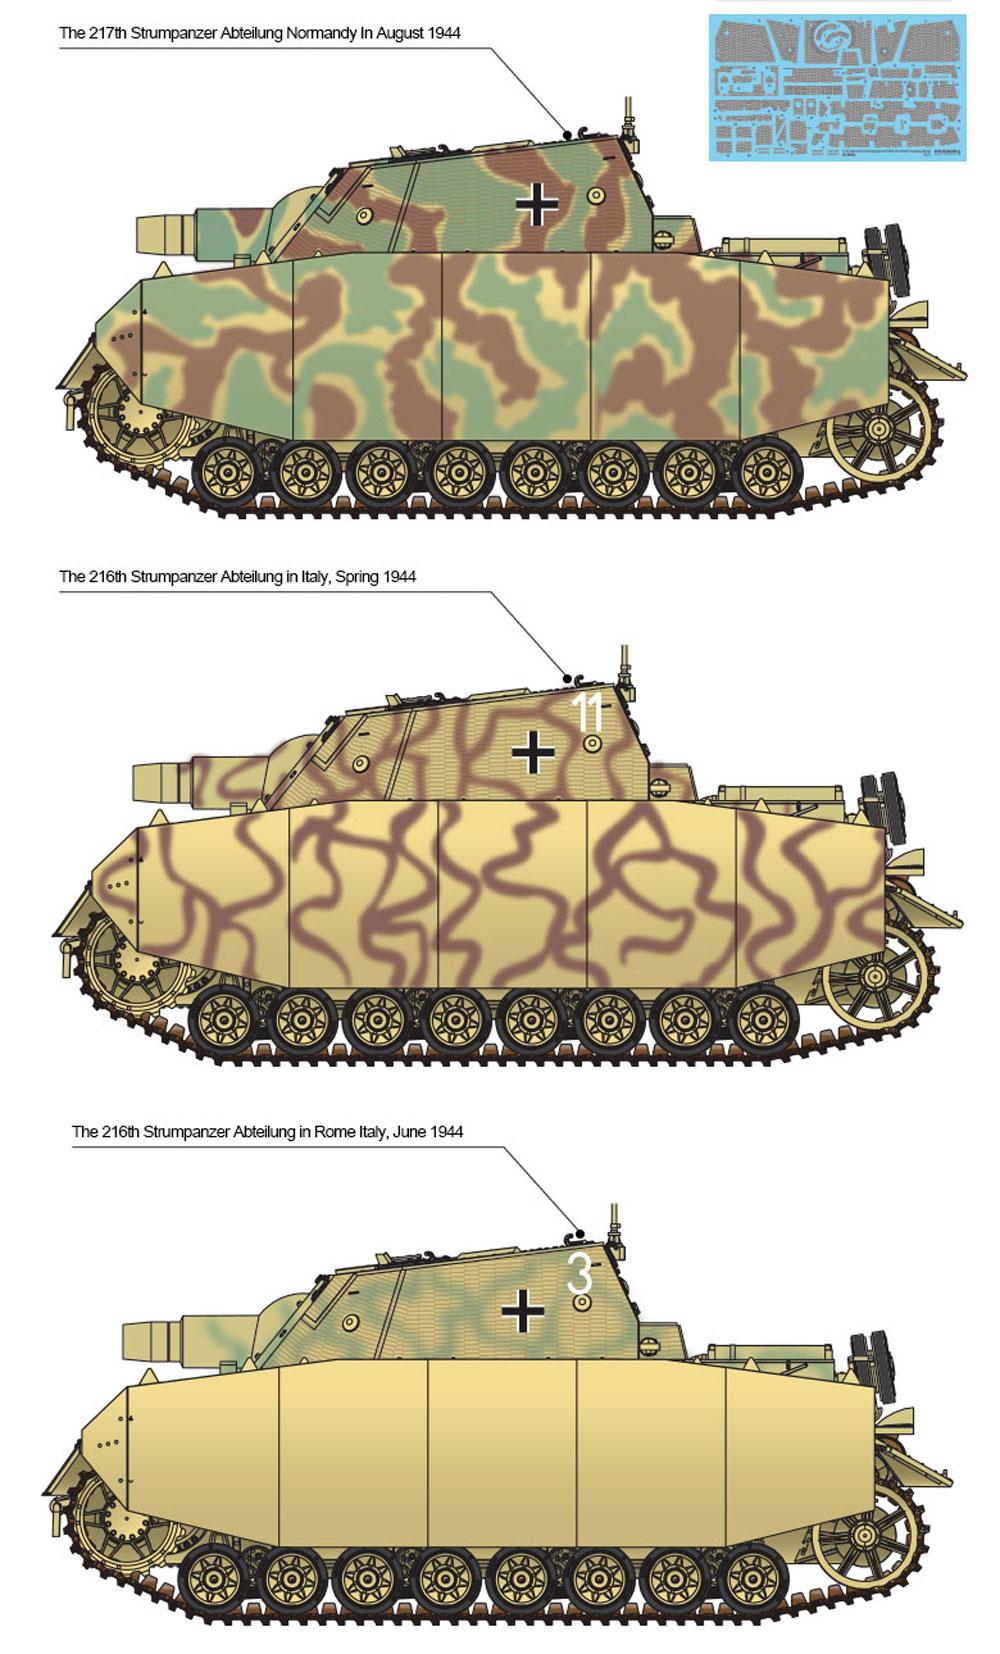 4号突撃戦車 ブルムベア 中期生産型プラモデル(アカデミー1/35 ArmorsNo.13525)商品画像_2